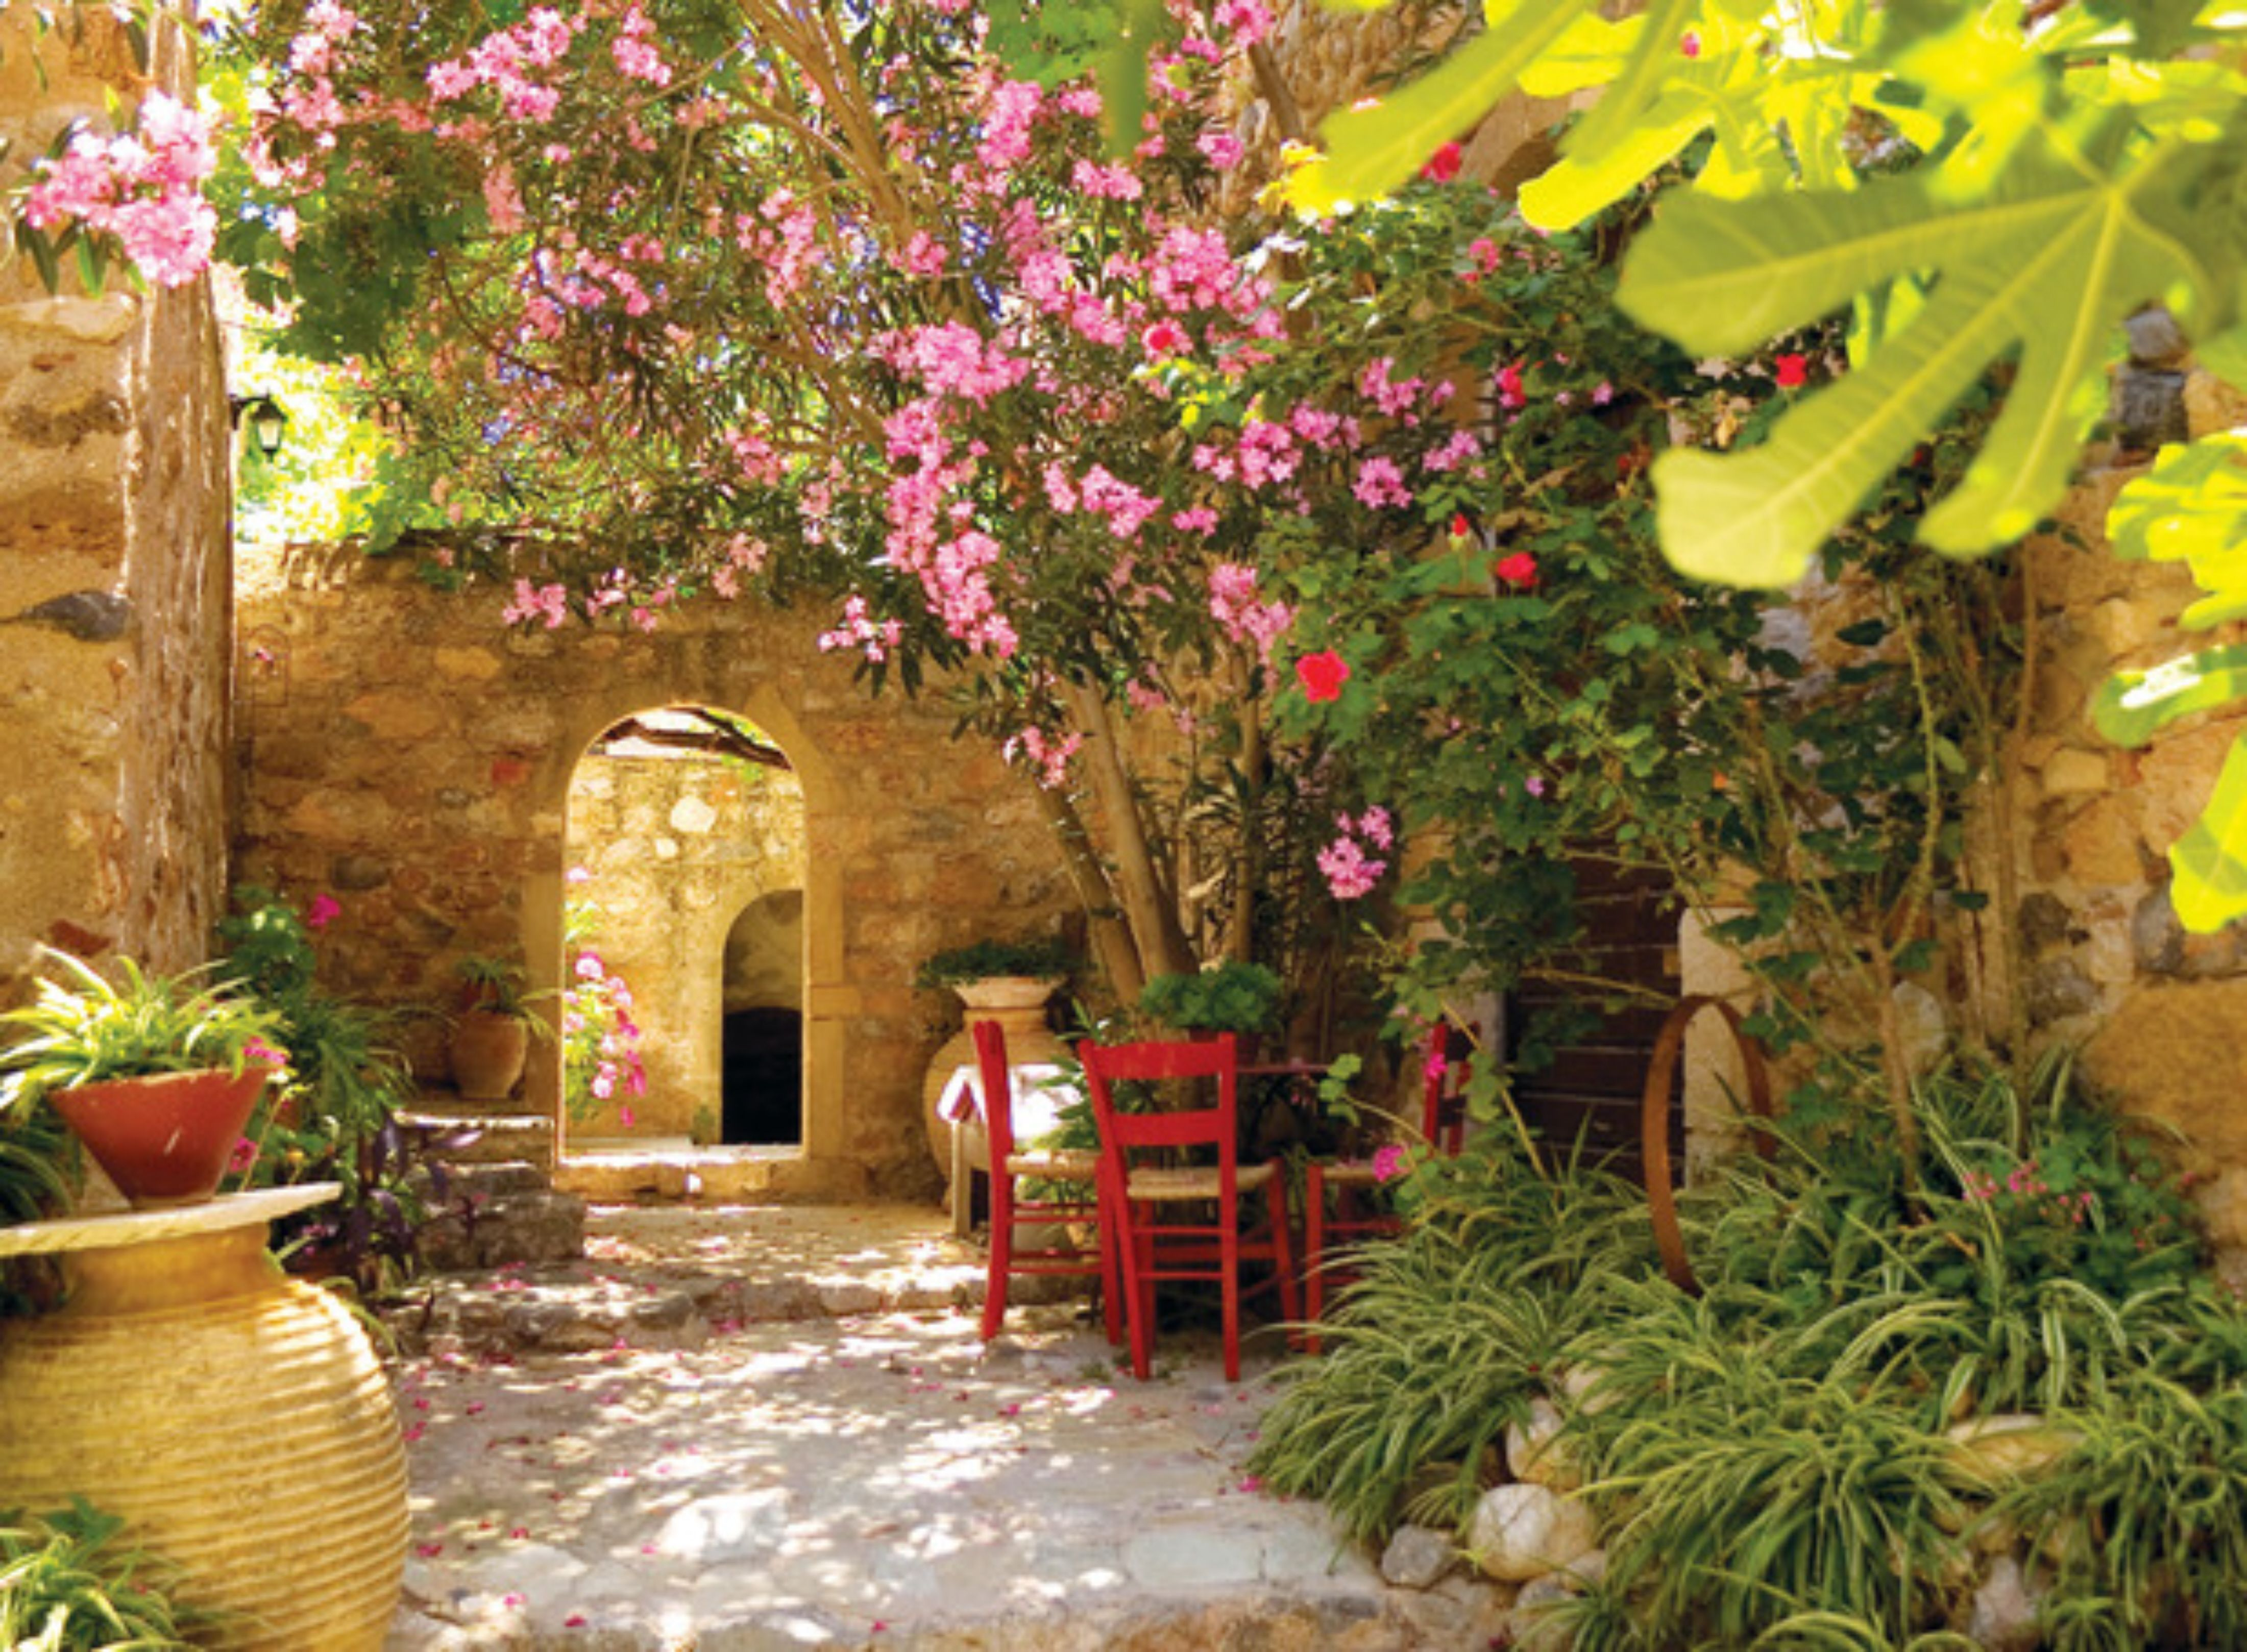 Meditteranean Courtyard Mediterranean Style Pinterest